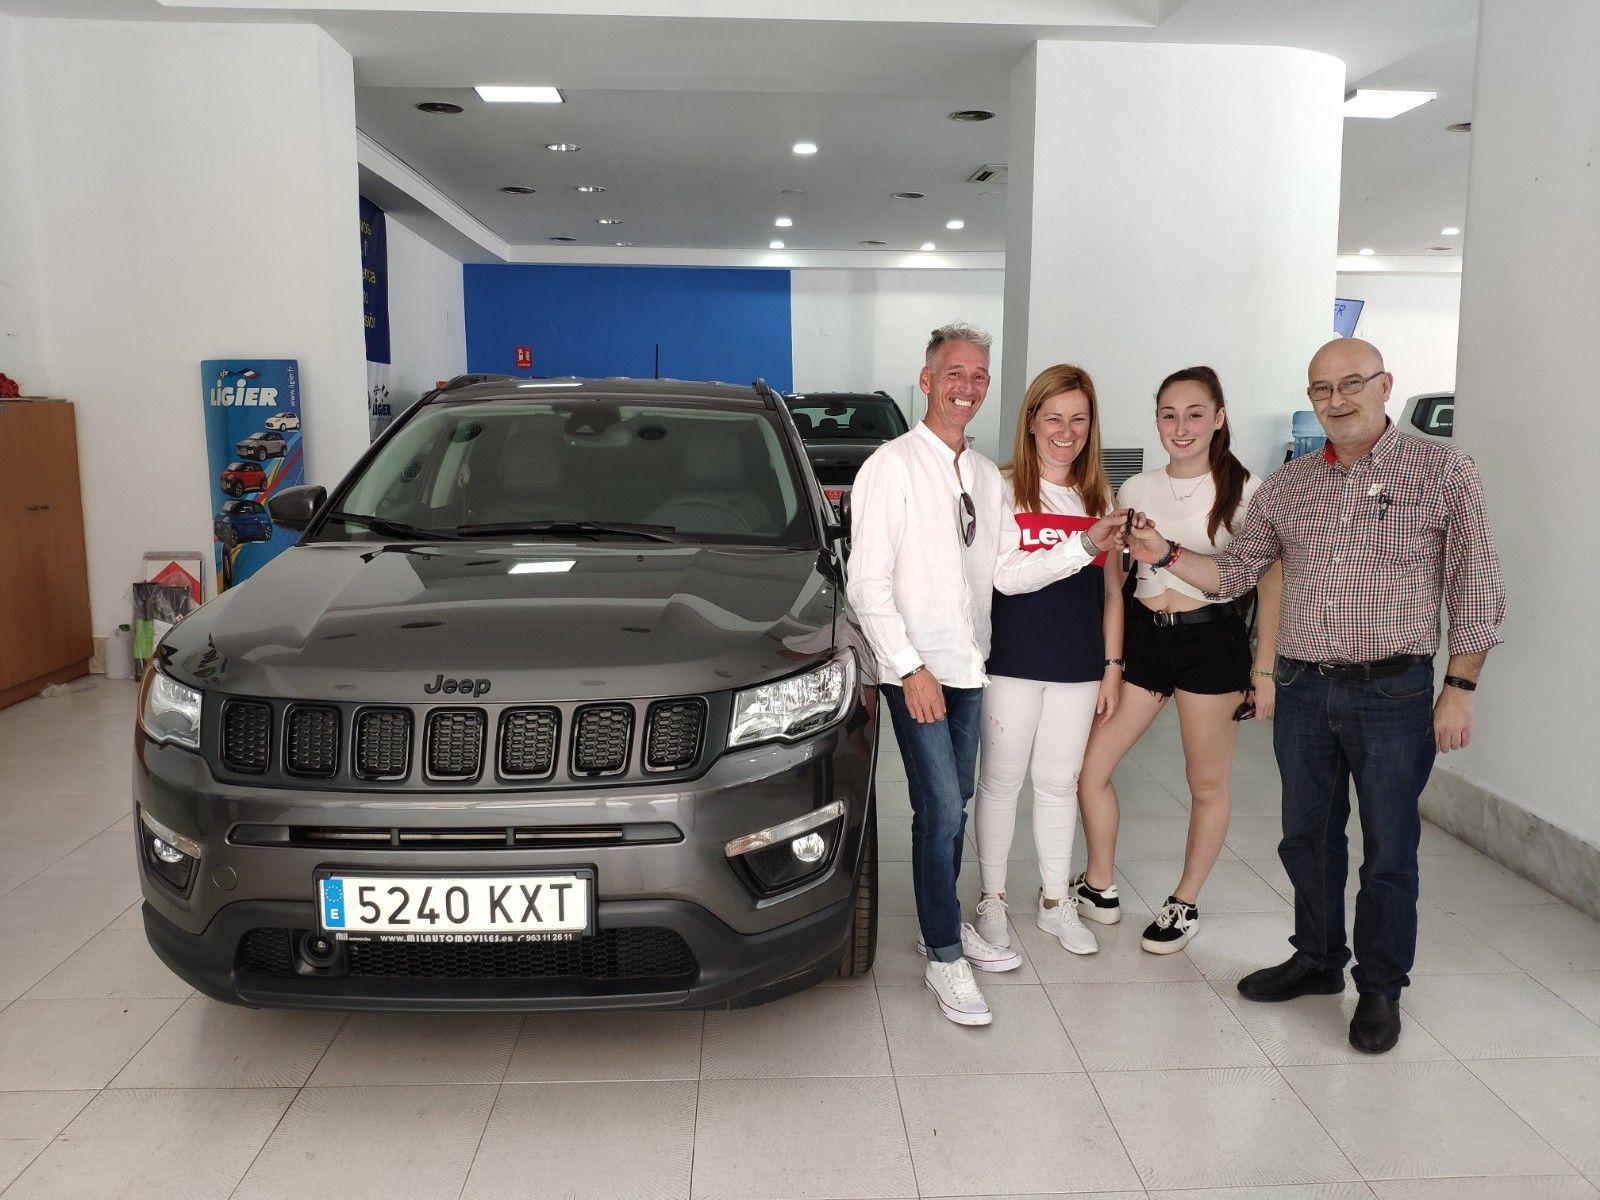 Entrega a Antonio Valero un Jeep Compass